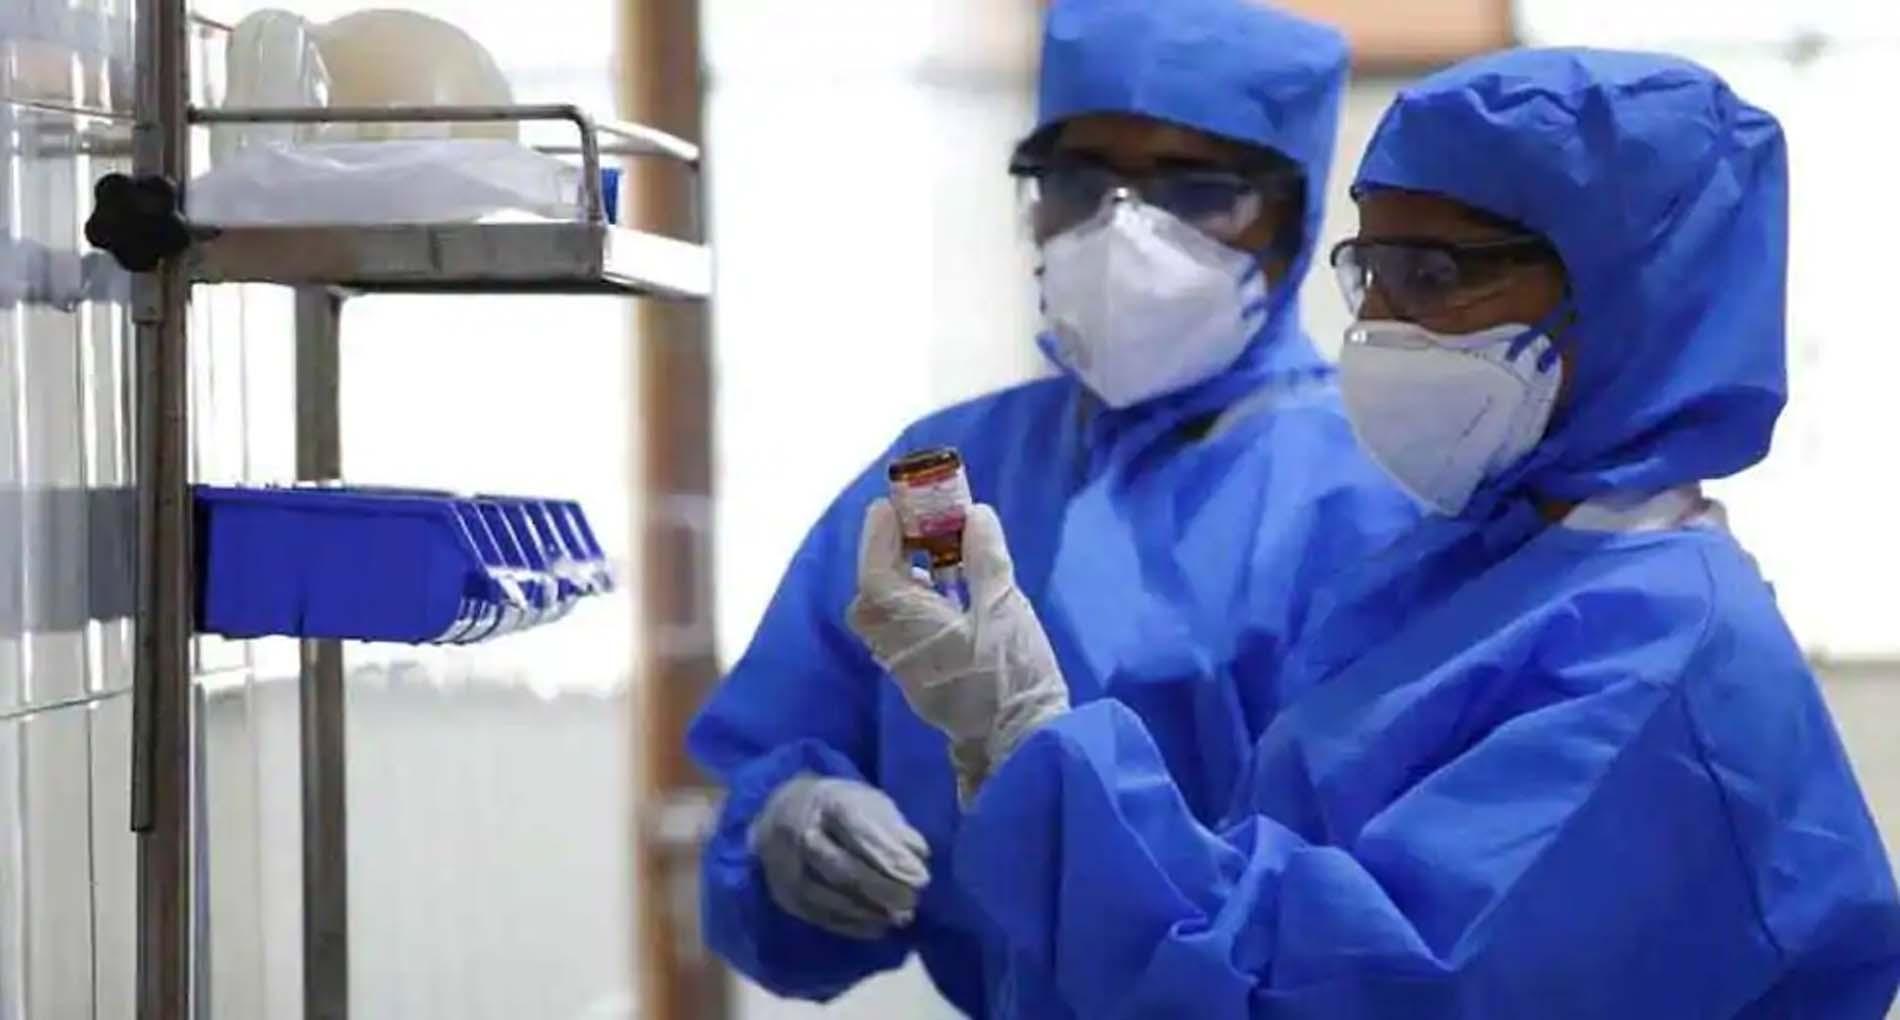 Coronavirus in India Live Updates: 2 करोड़ से अधिक सैंपल हुए टेस्ट, कुल संक्रमितों का आंकड़ा हुआ 18 लाख के पार